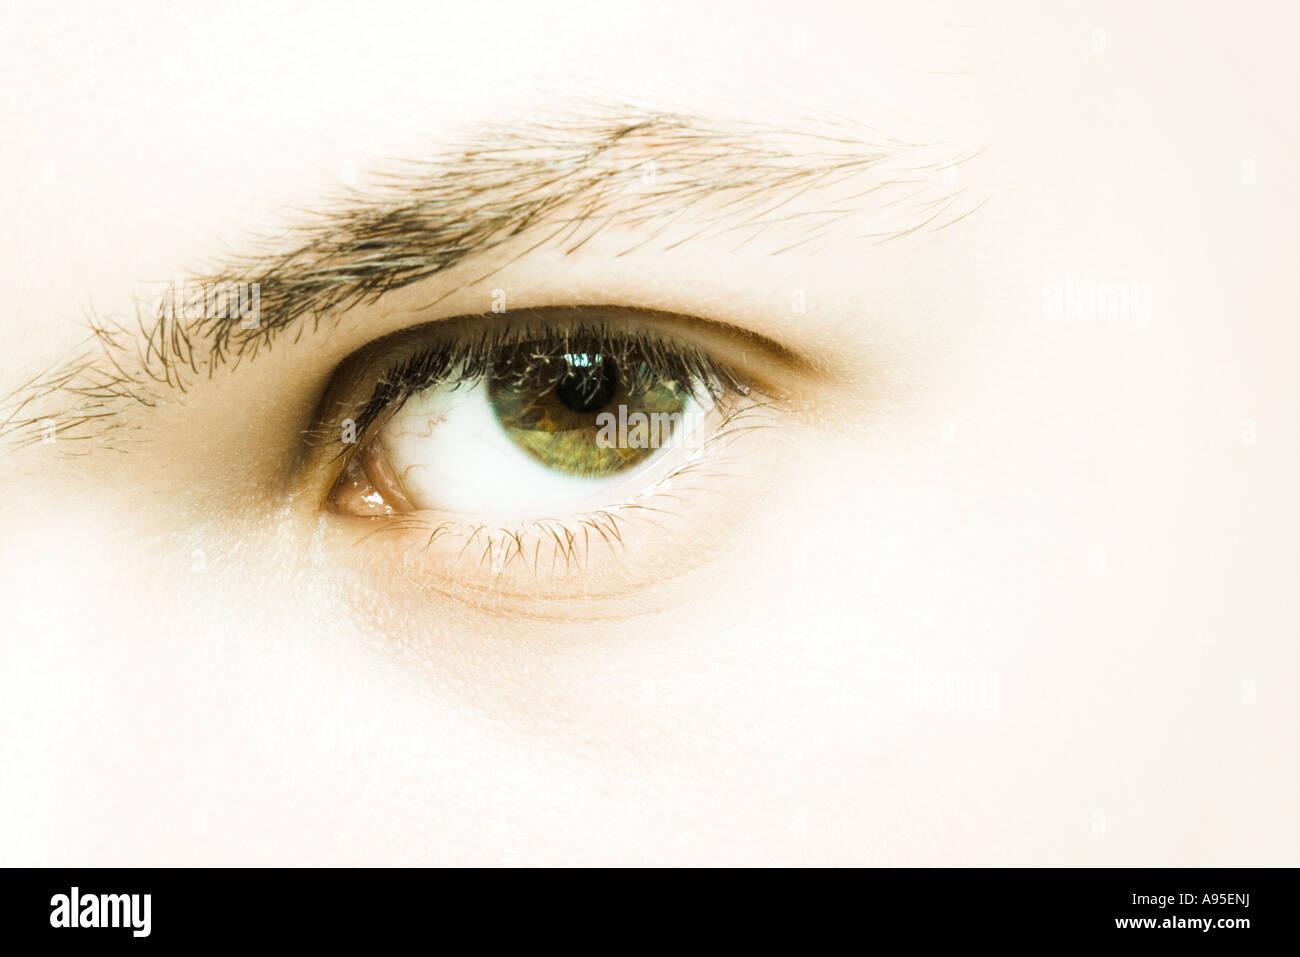 Male eye, extreme close-up - Stock Image